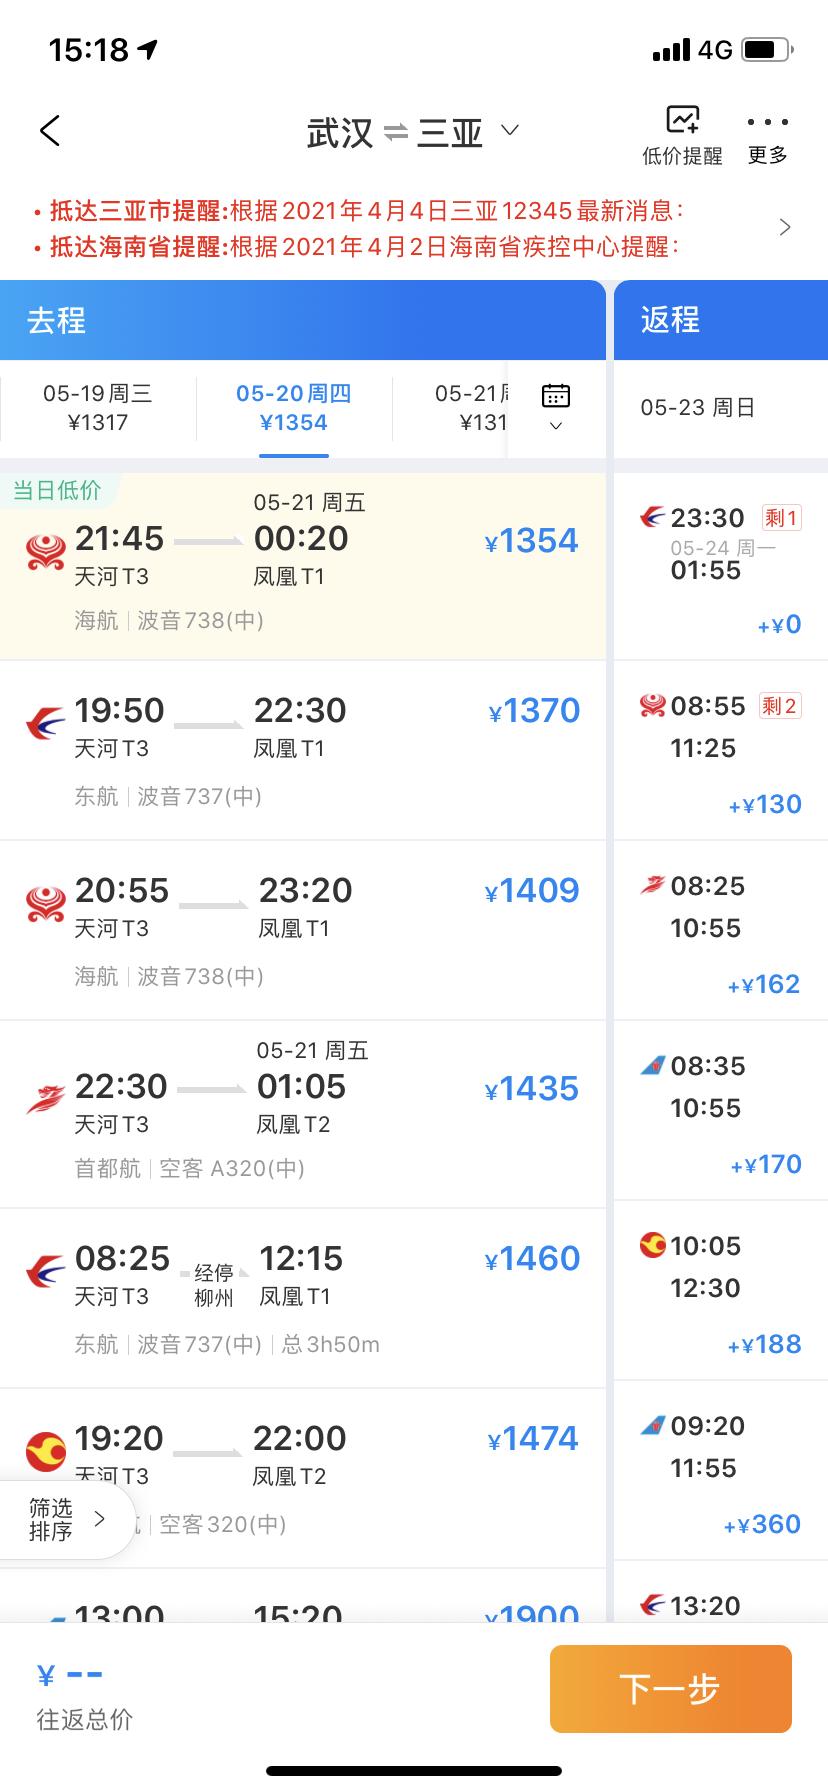 武汉飞三亚机票居高不下怎么搞?求指导